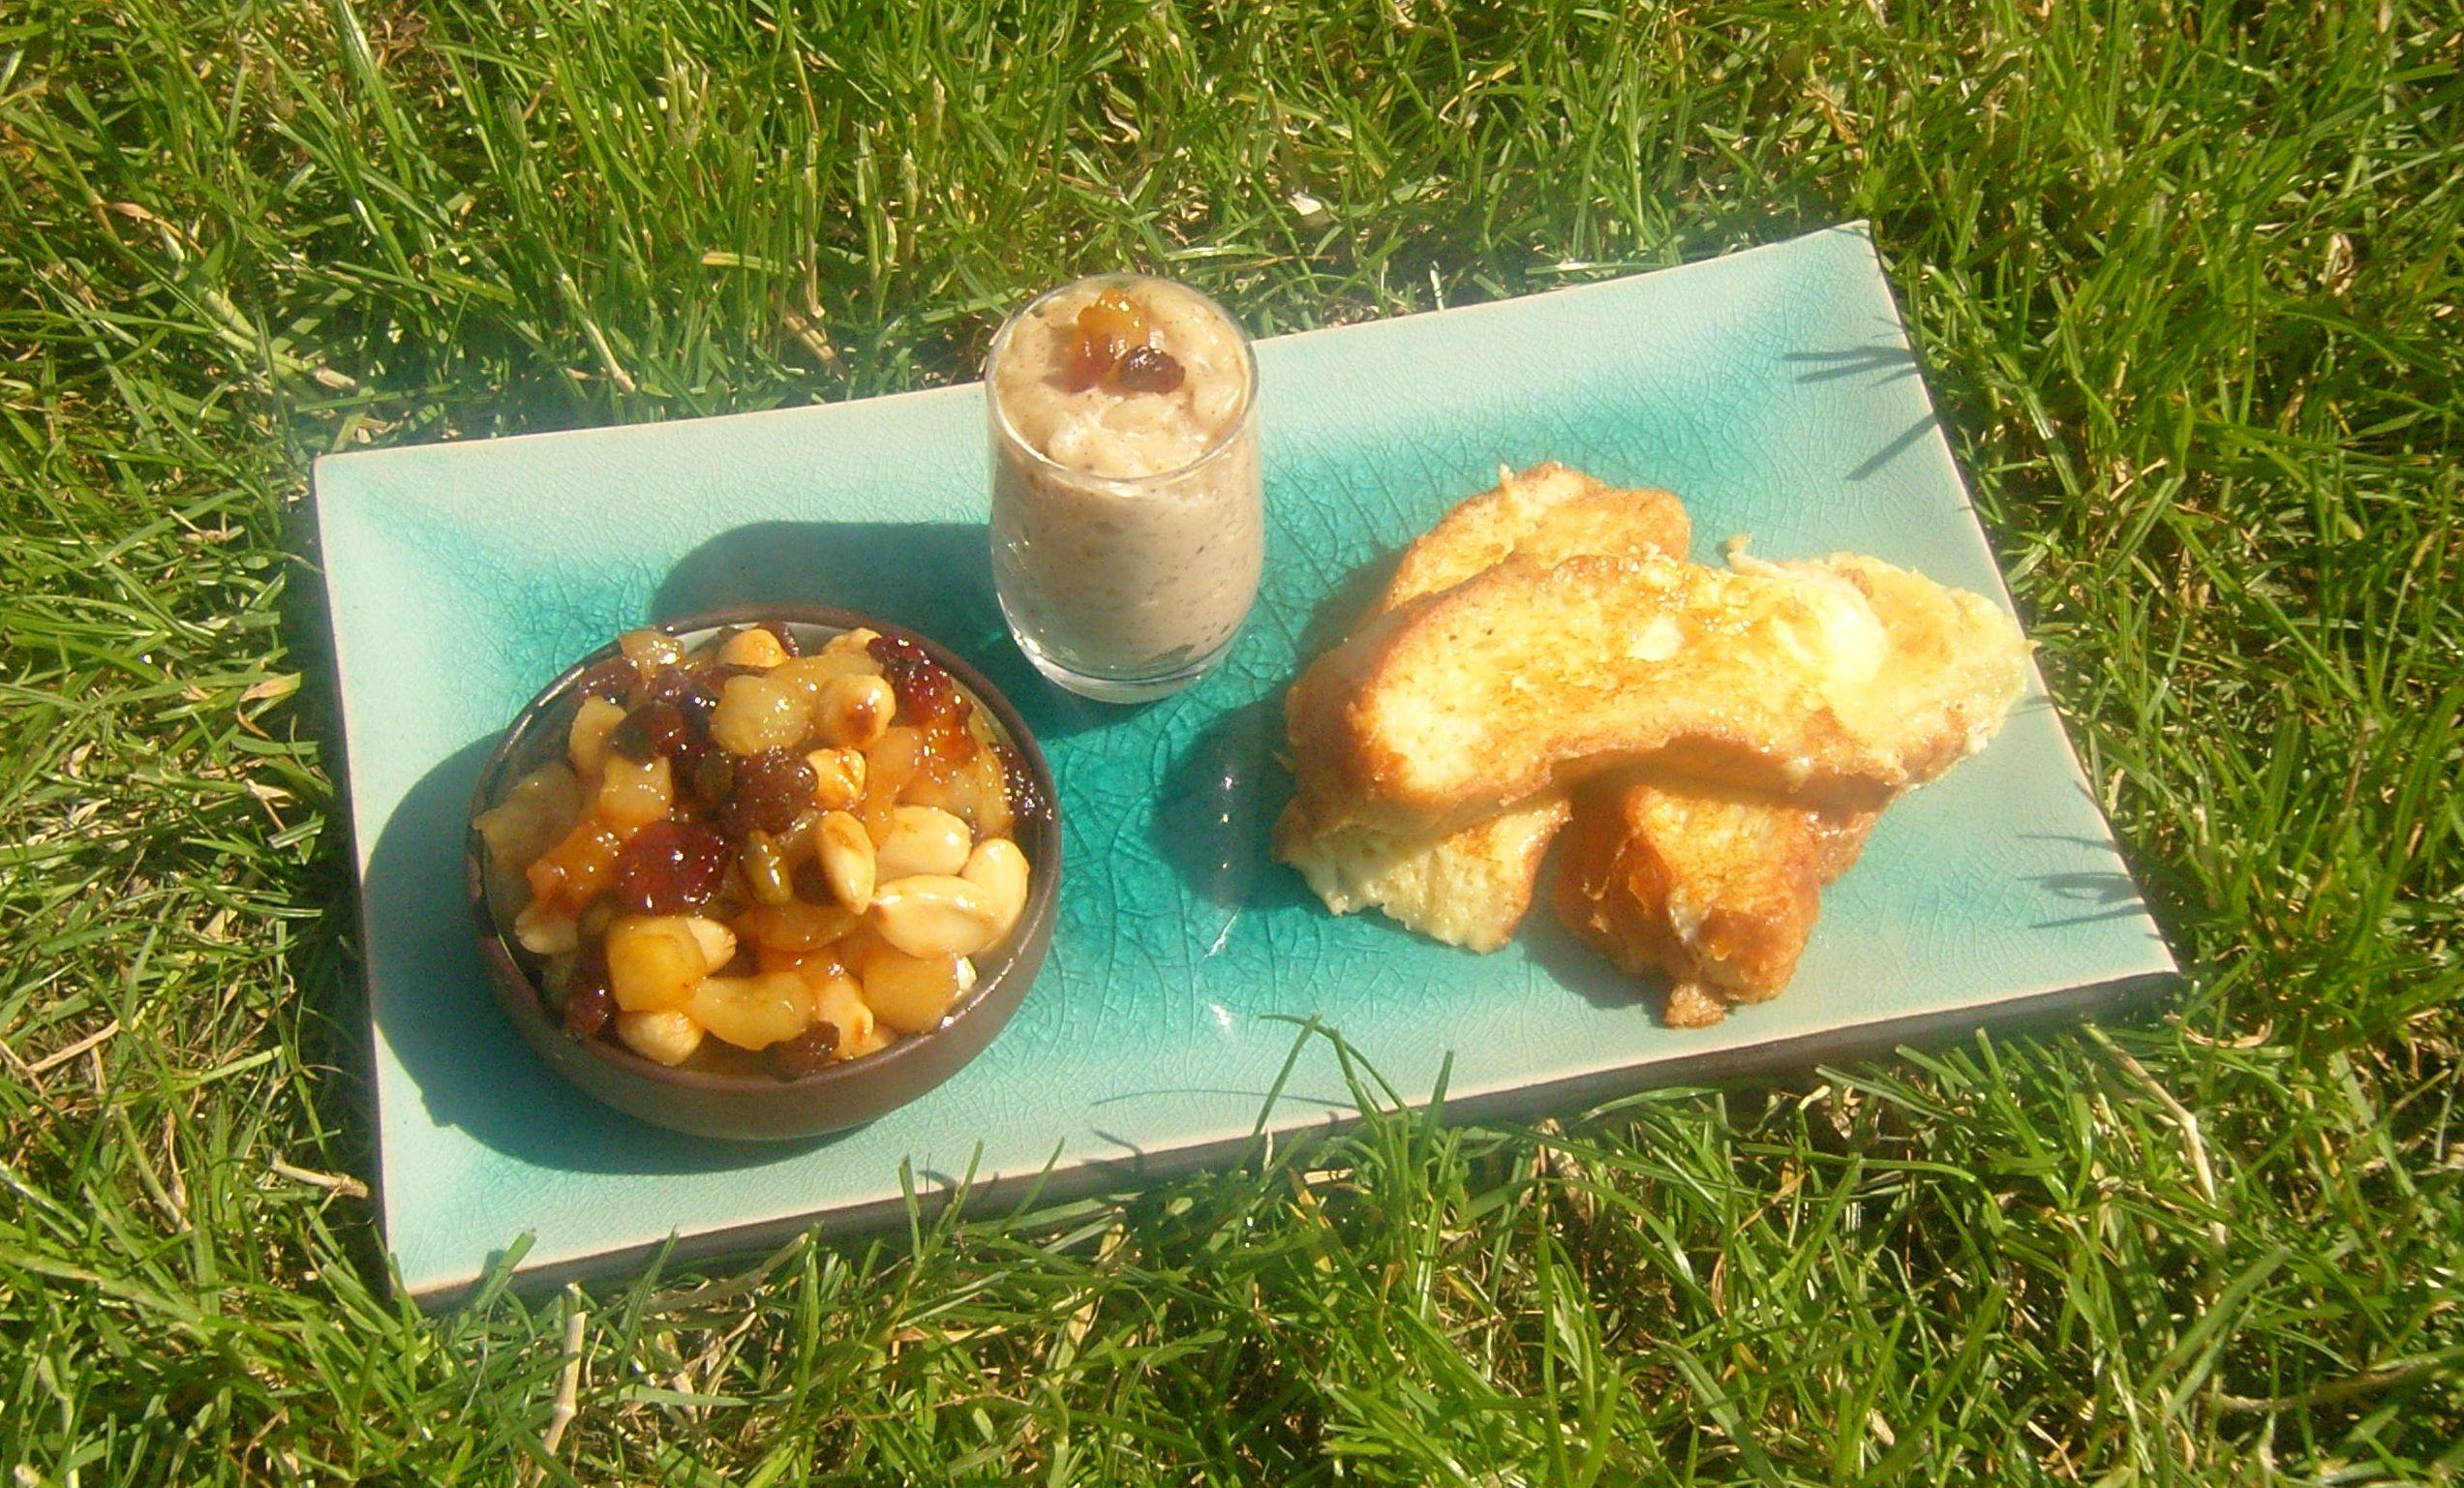 Que faire avec un reste de #brioche #antigaspi ? Riz au lait revisité brioche façon pain perdu etpoelée de fruits secs et poire